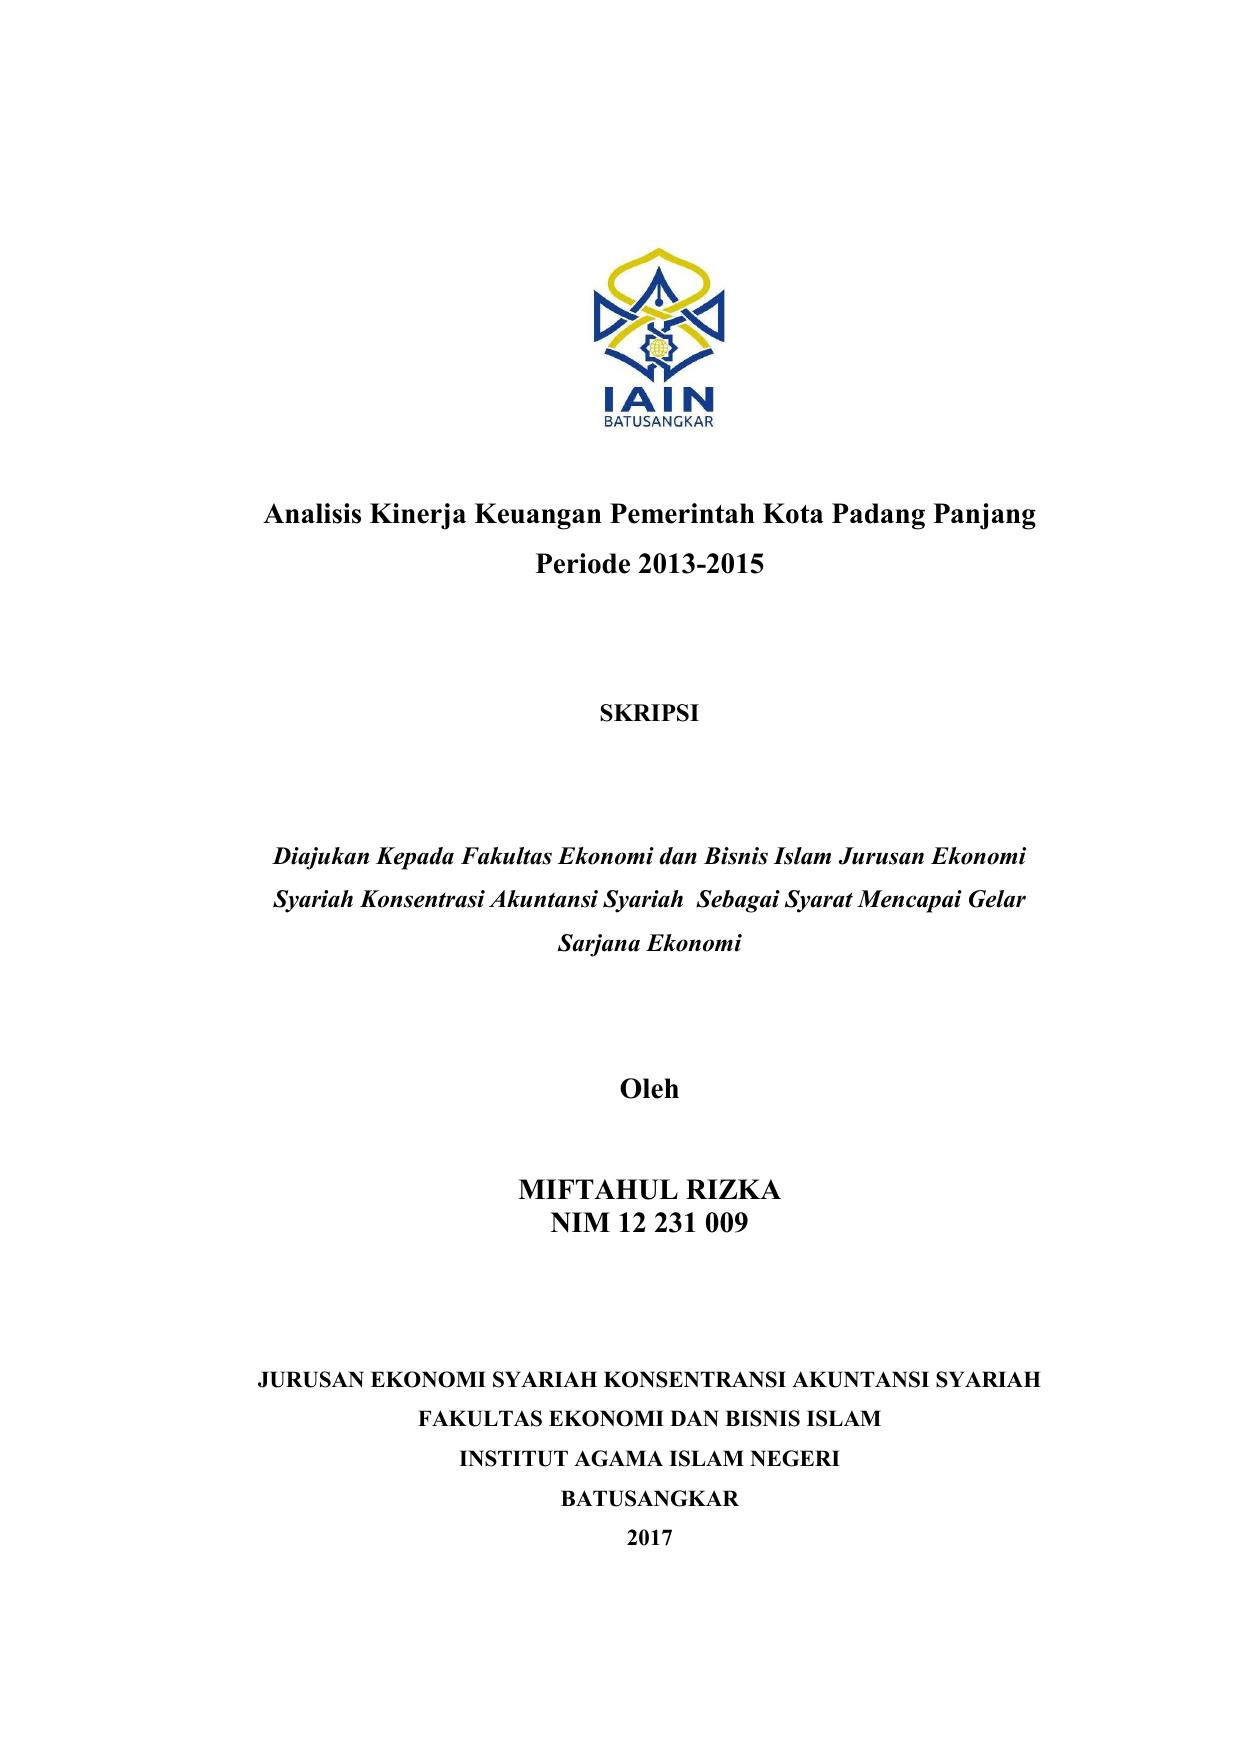 Analisis Kinerja Keuangan Pemerintah Kota Padang Panjang